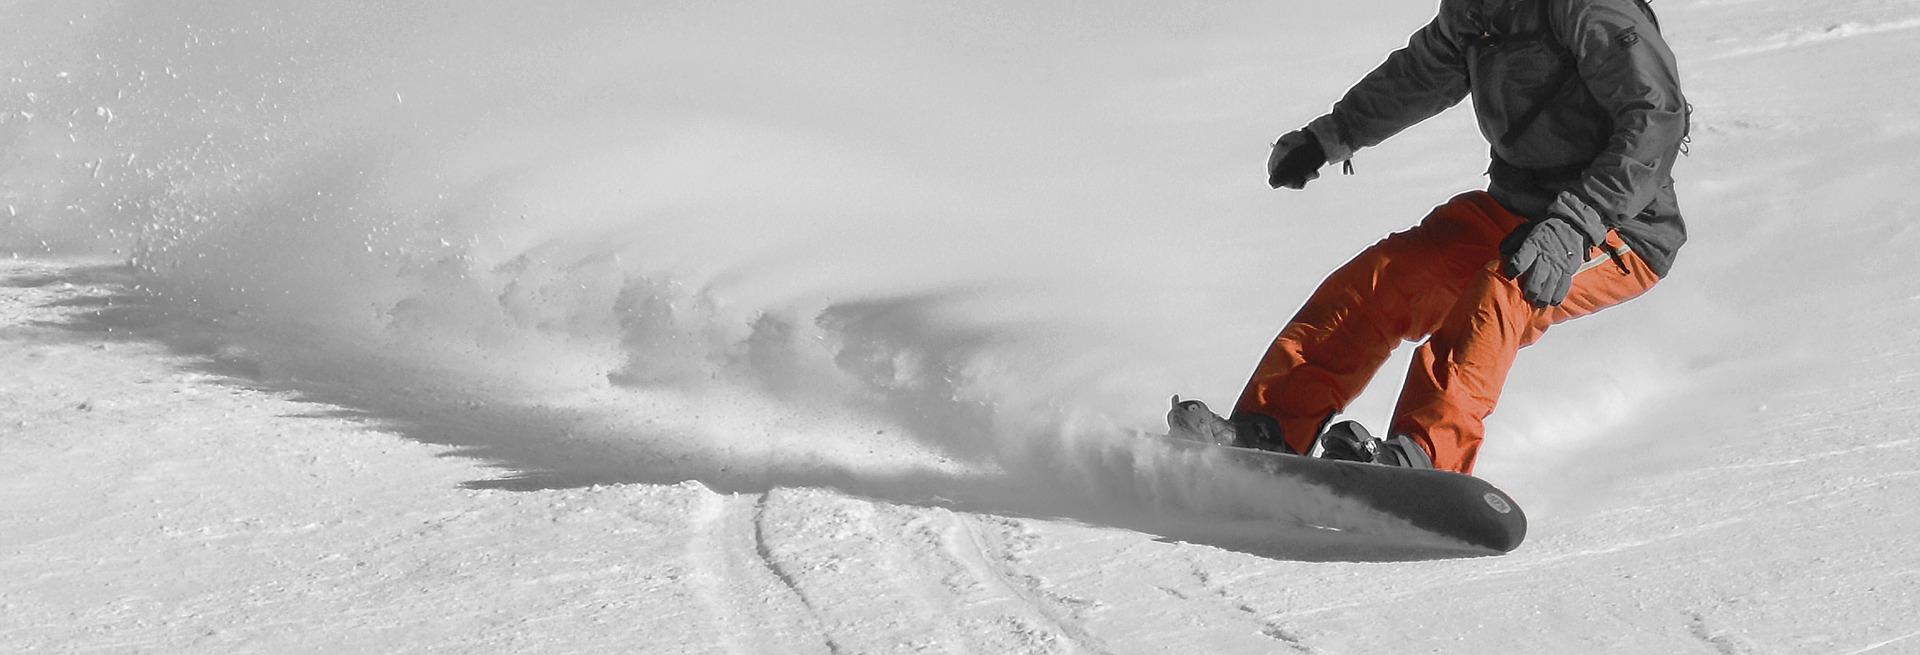 Breckenridge Colorado Snowboarding